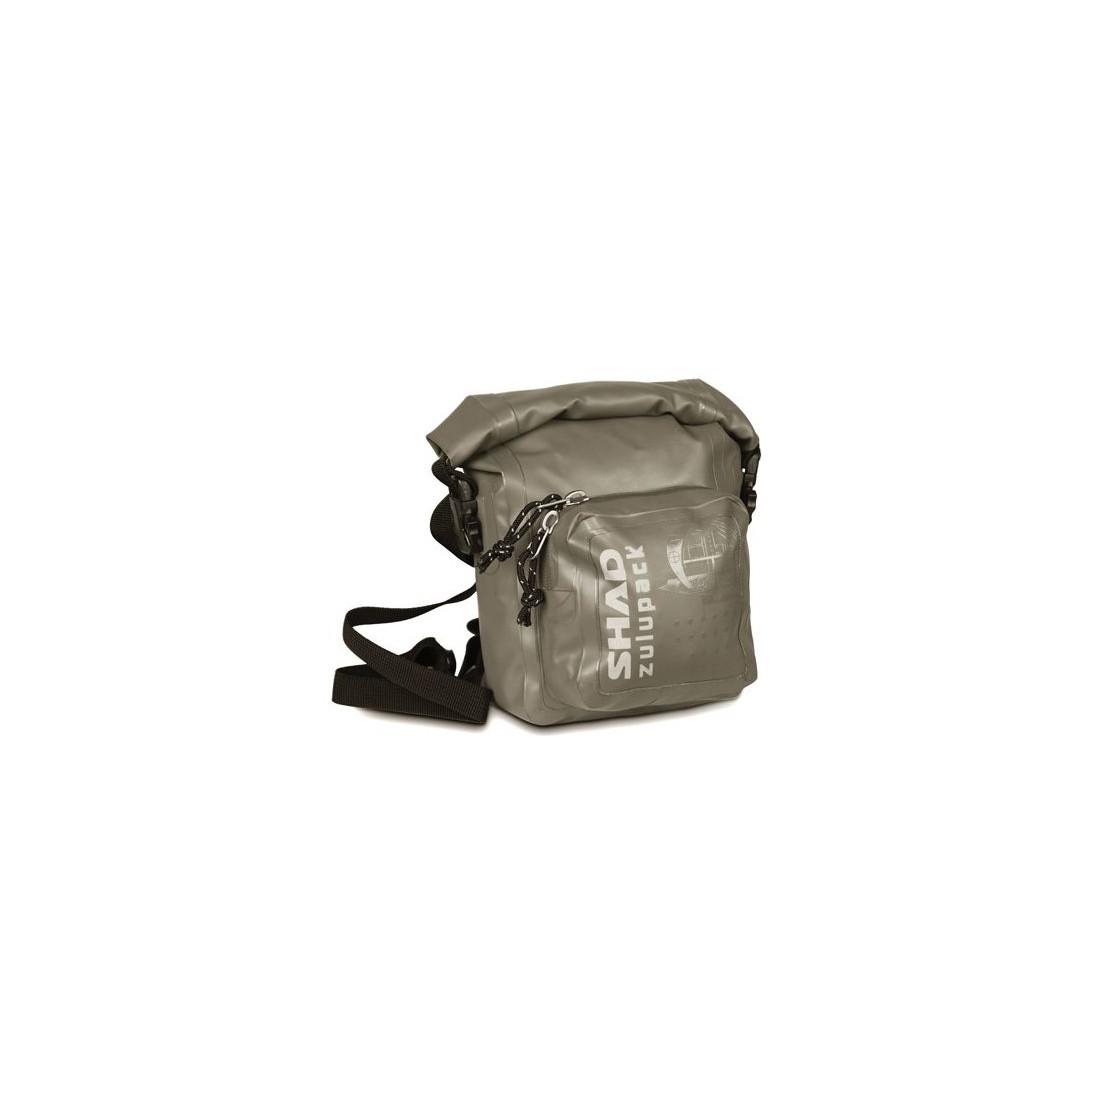 Bolsa Pequeña Impermeable Shad SW05 Khaki